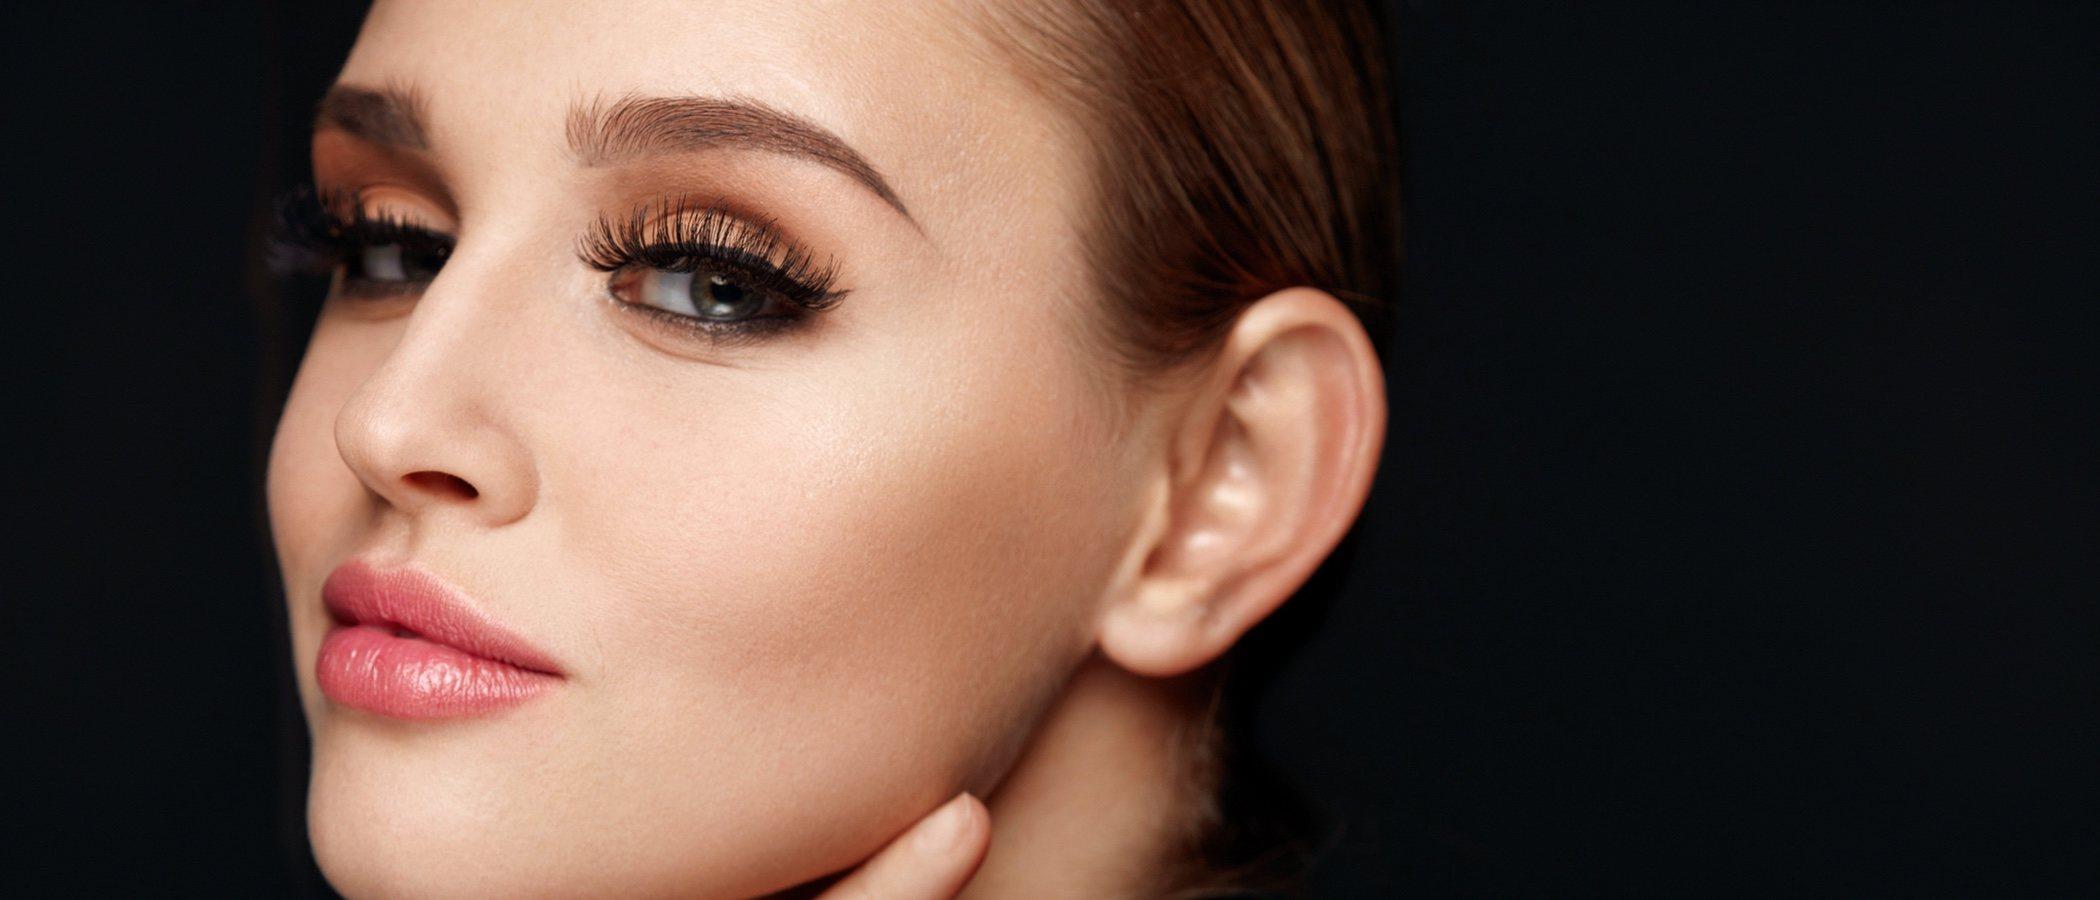 Ojos negros: ¿qué sombra de ojos me va mejor?